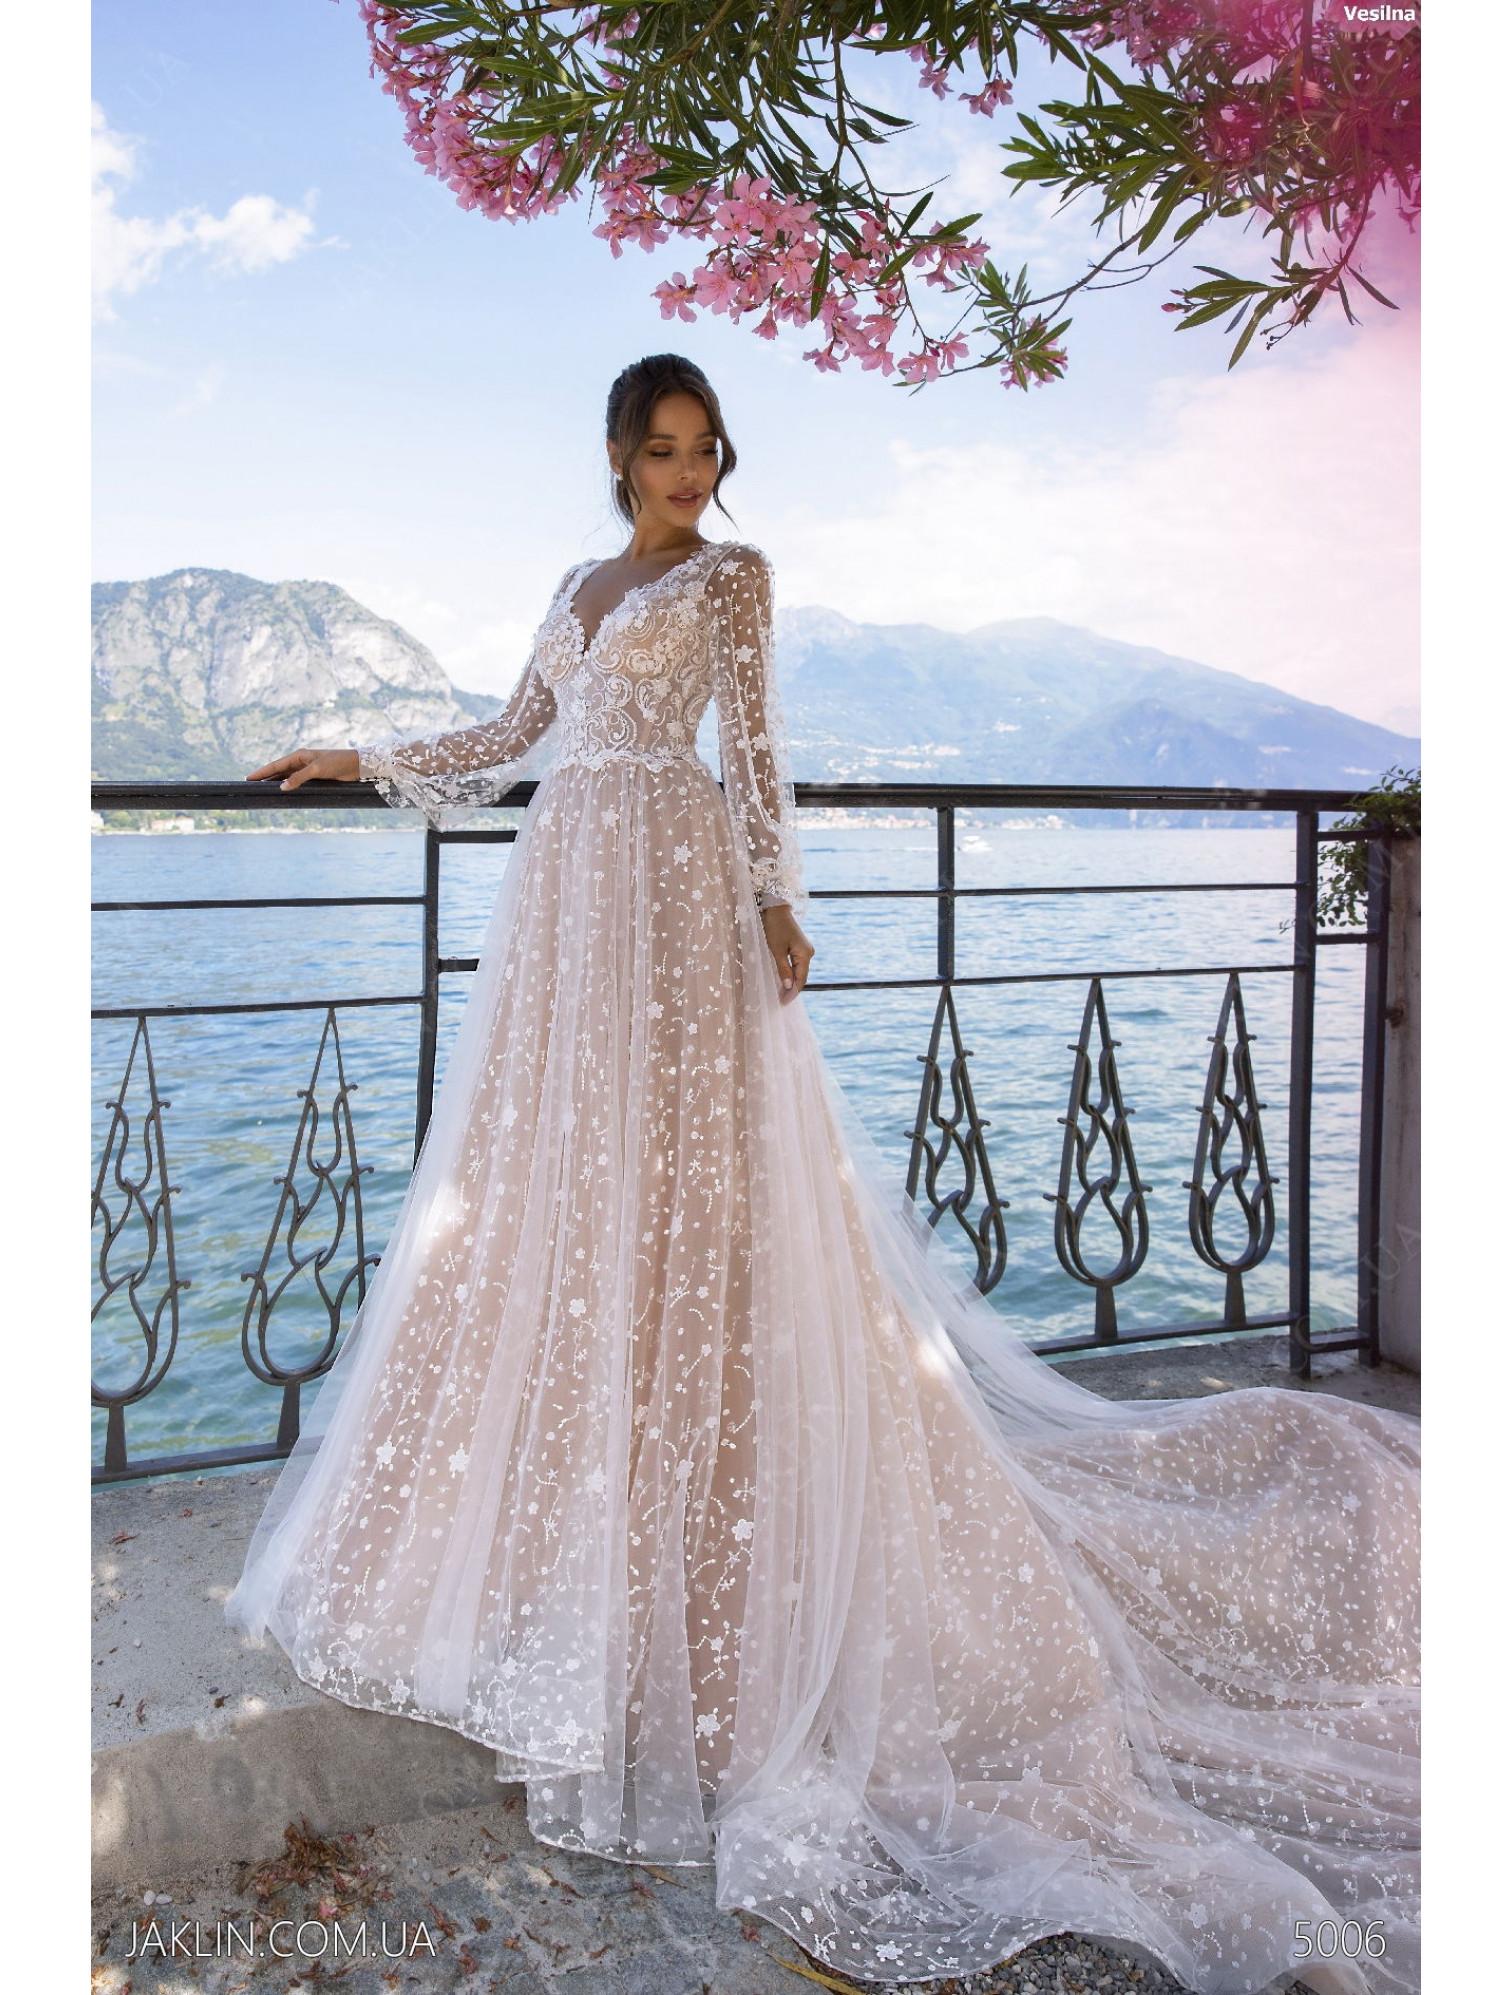 Весільна сукня 5006